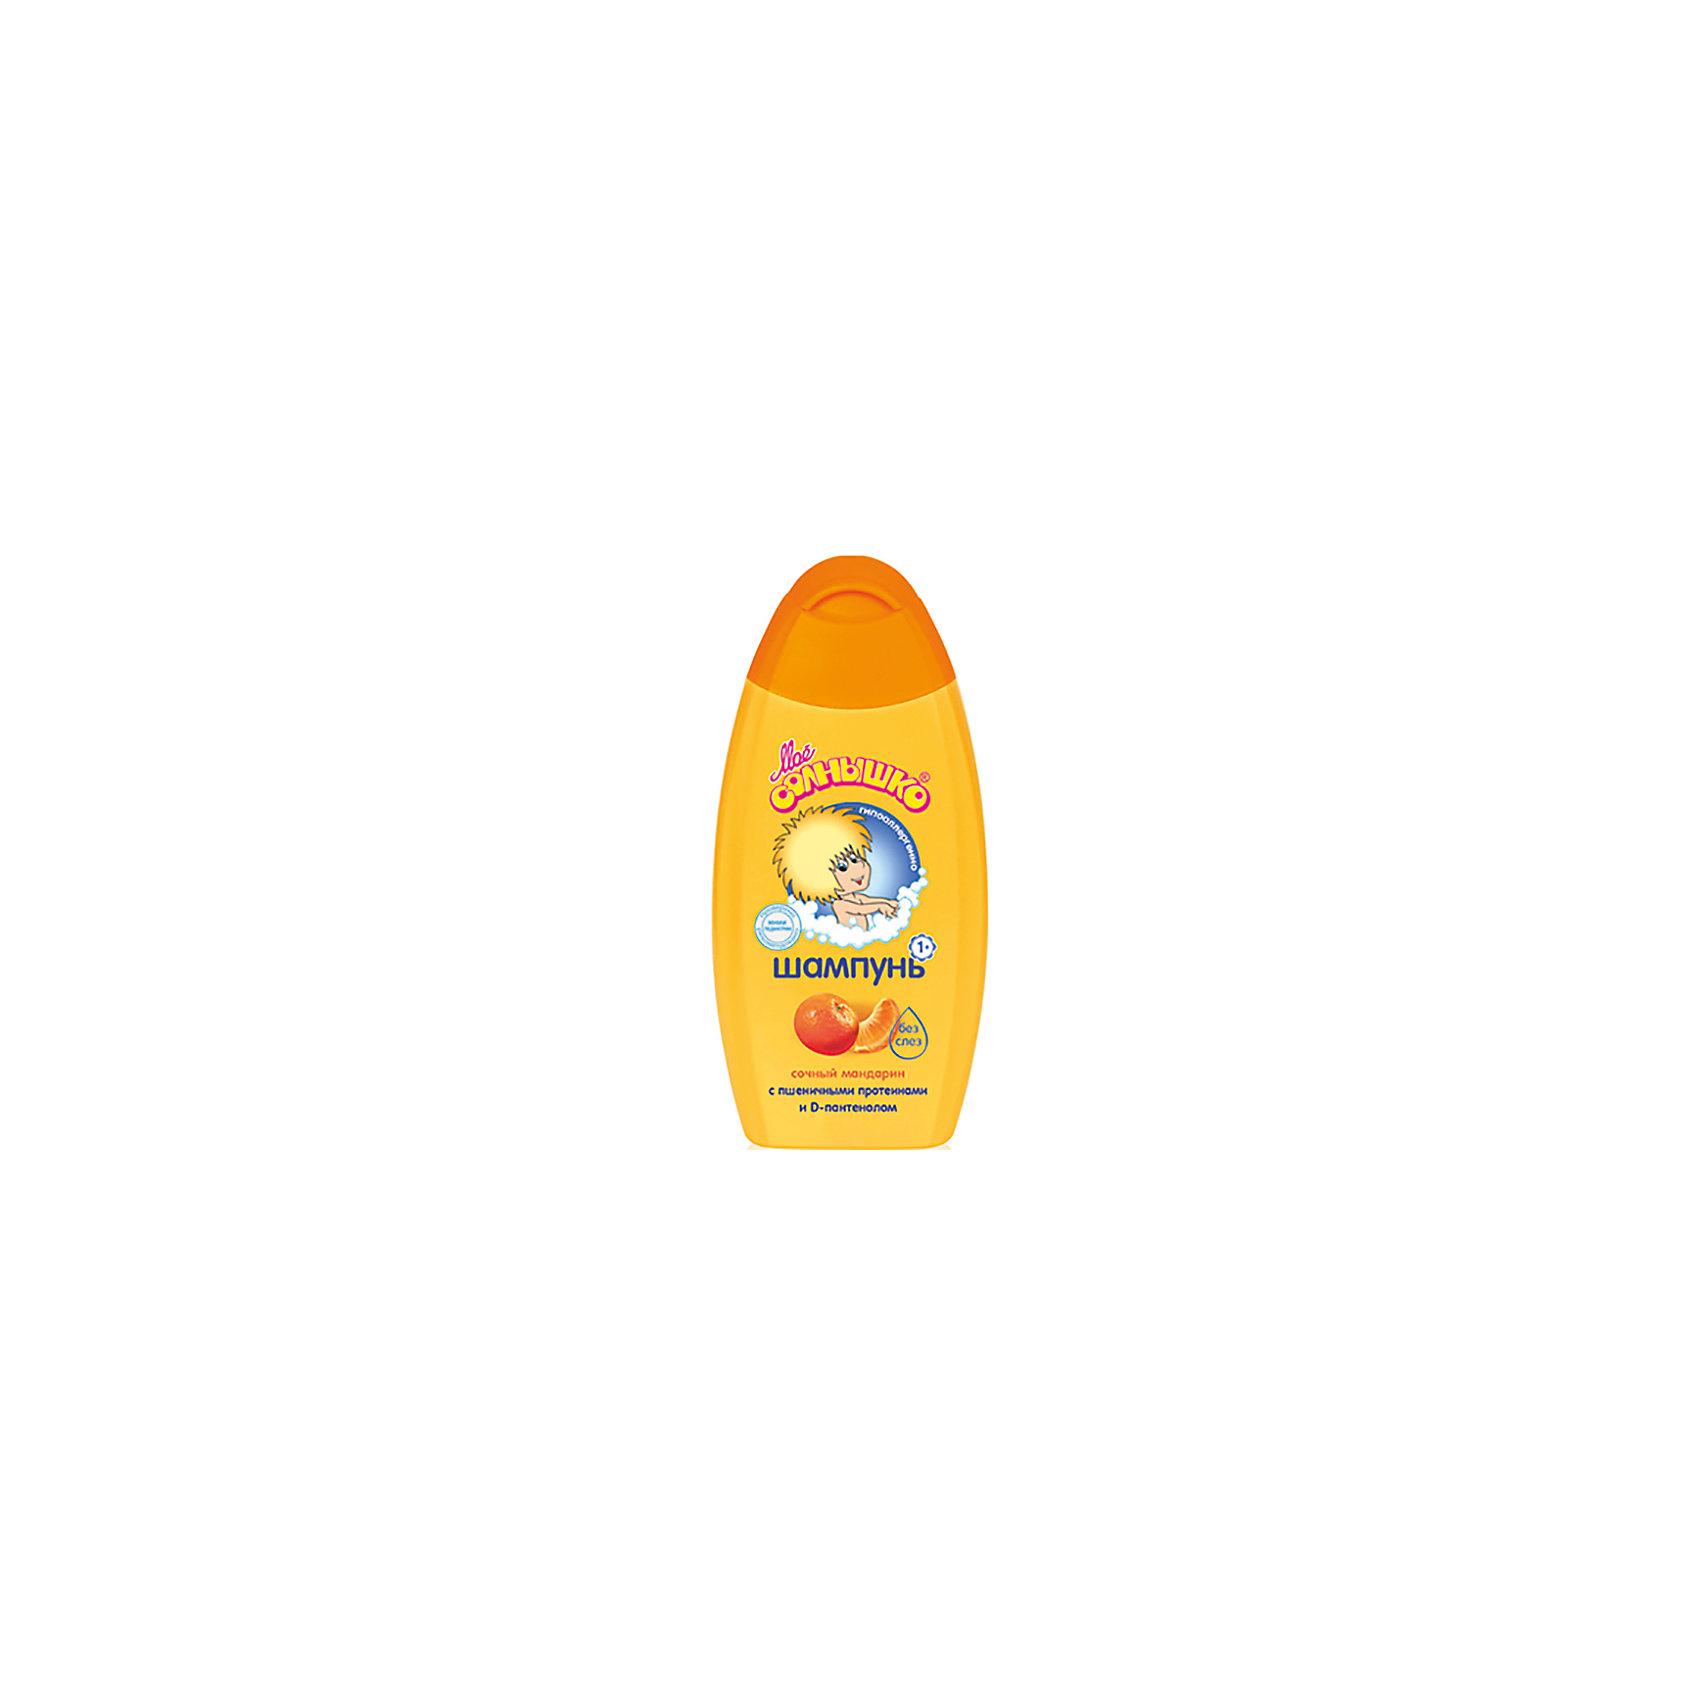 Шампунь Сочный мандарин 200 мл, Моё солнышкоНежный шампунь Моё солнышко с ароматом сочного мандарина бережно очищает волосы и кожу головы малыша. Волосы становятся шелковистыми и легко расчесываются.пшеничные протеины и пантенол увлажняют и защищают каждый волосок, поэтому волосы становятся шелковистыми и легко расчесываются<br>состав шампуня гипоаллергенен и сбалансирован по показателю pH Клинически проверено и рекомендовано ФГУ «МНИИ Педиатрии и детской хирургии росмедтехнологий».<br><br>Ширина мм: 75<br>Глубина мм: 35<br>Высота мм: 160<br>Вес г: 210<br>Возраст от месяцев: 36<br>Возраст до месяцев: 60<br>Пол: Унисекс<br>Возраст: Детский<br>SKU: 4124441